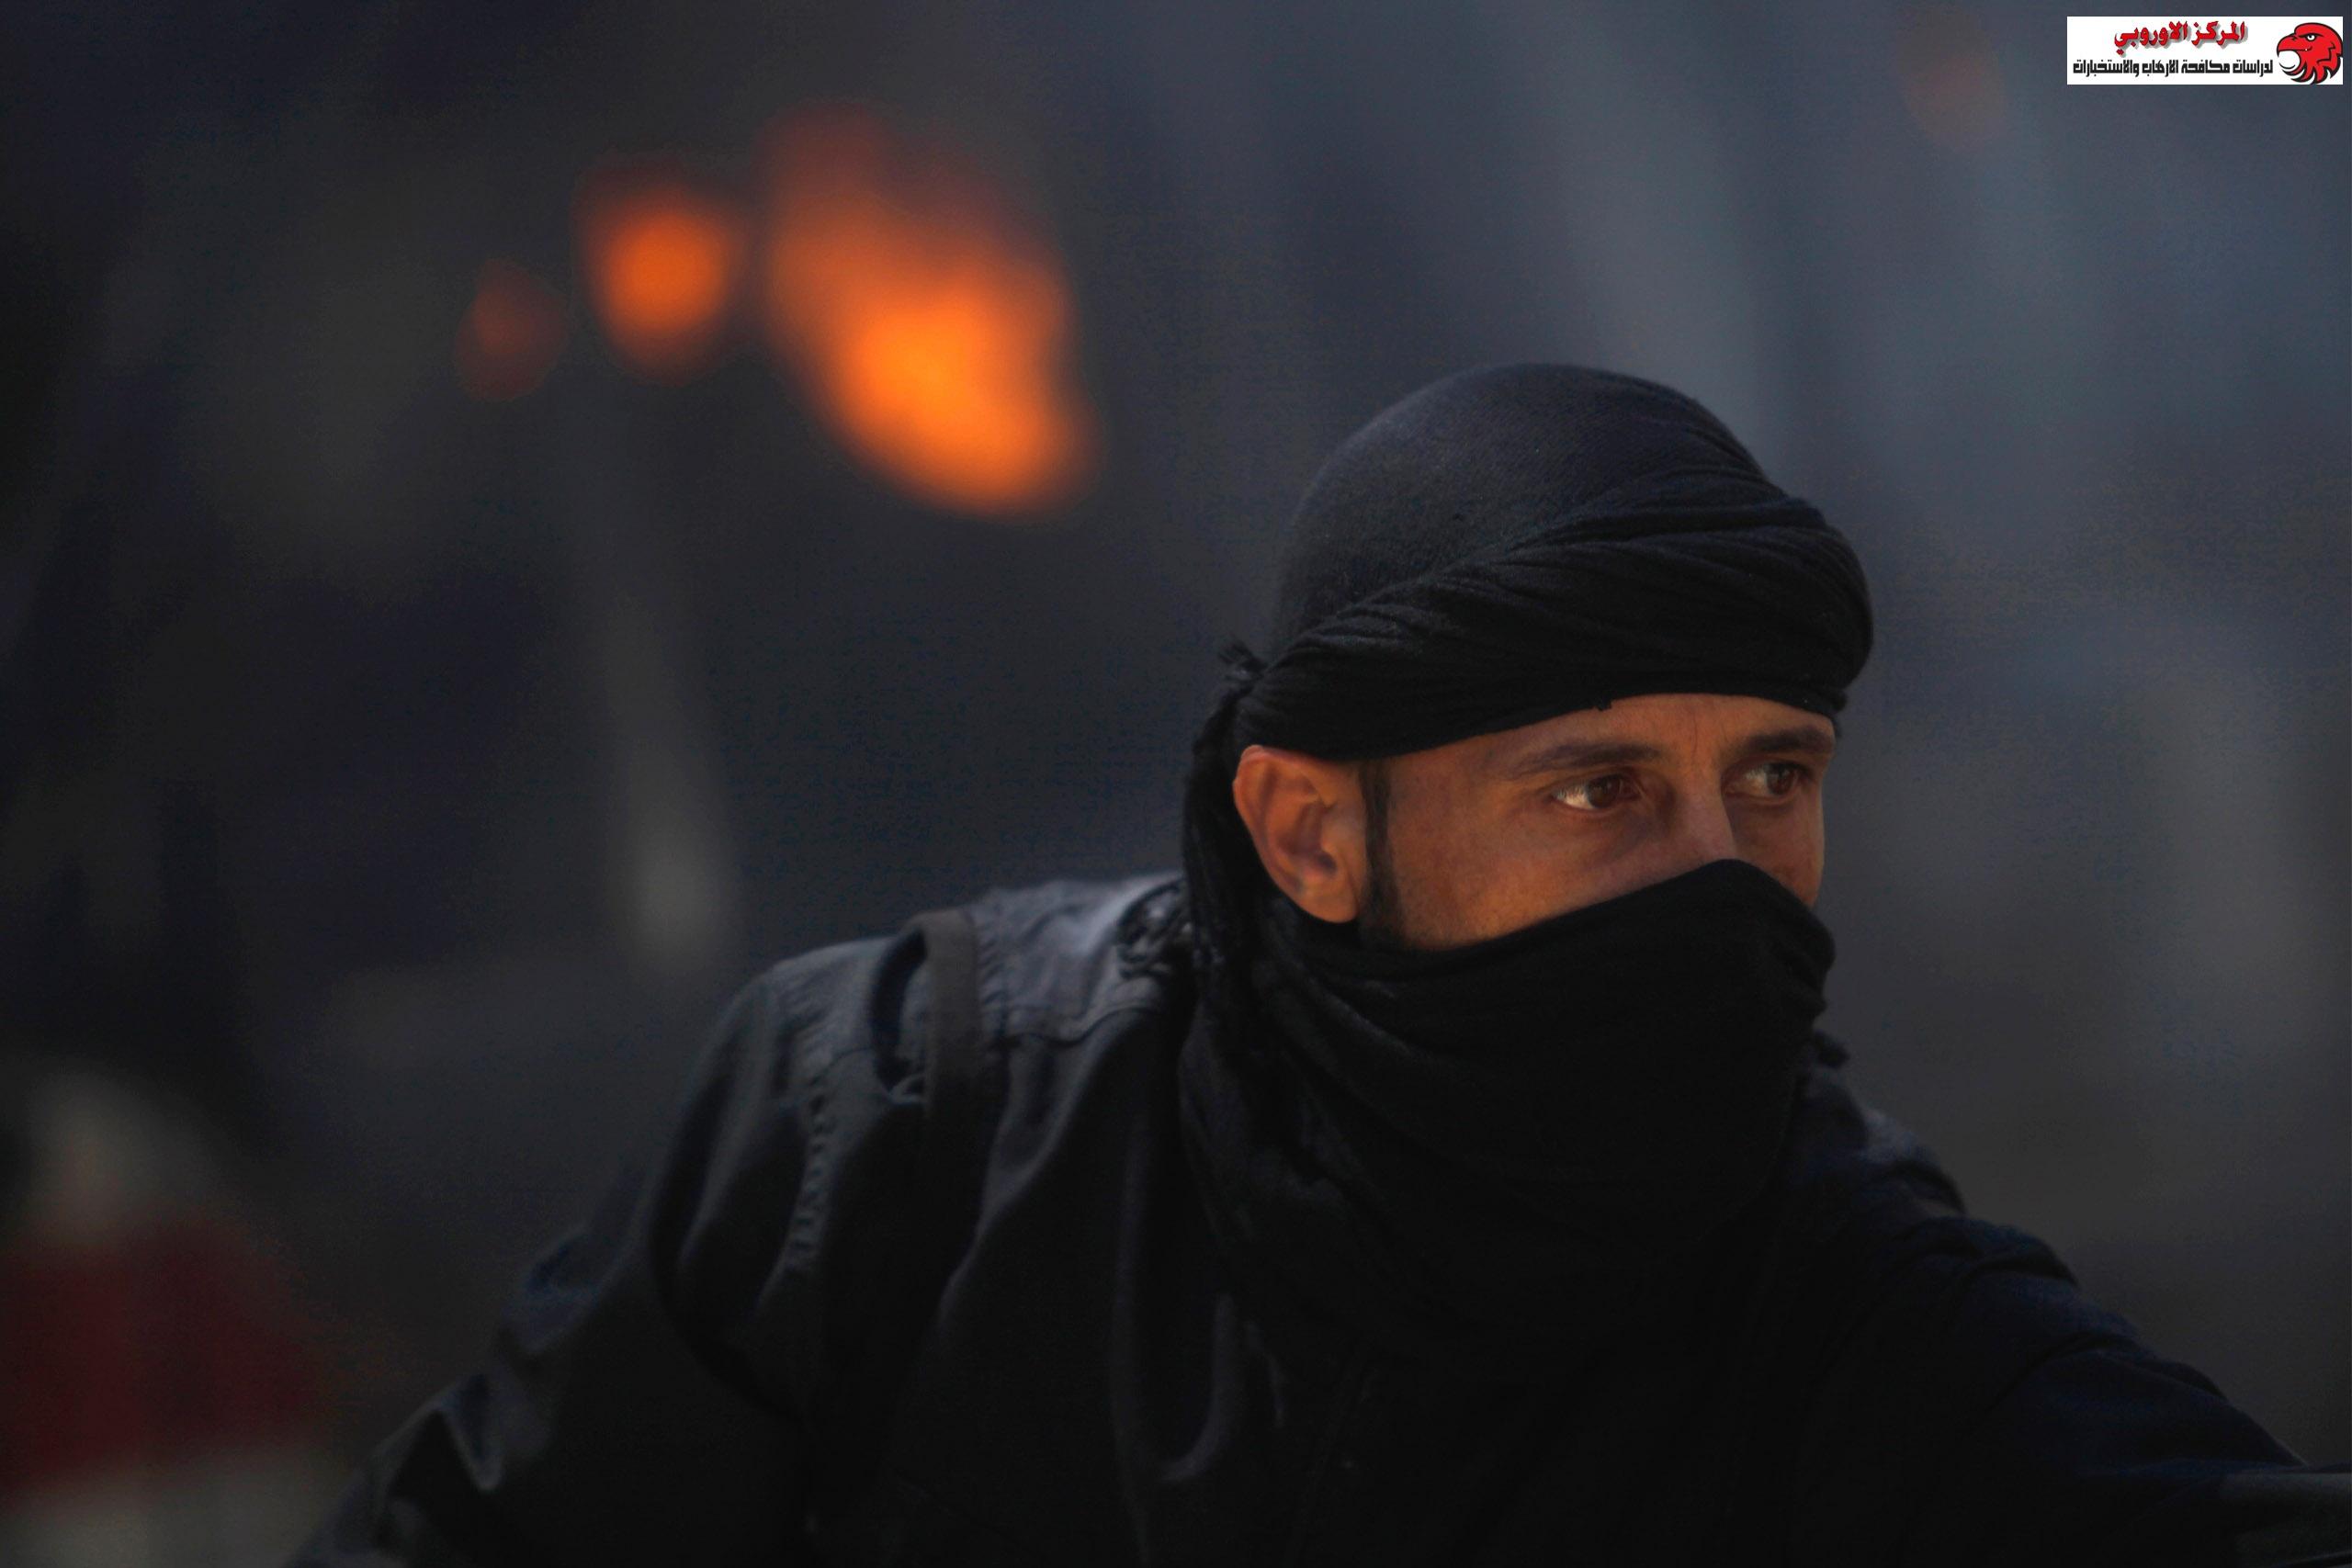 """أجهزة إستخبارات داعش """"أمنيات"""" … مهام وحدة الأستخبارات الداخلية"""